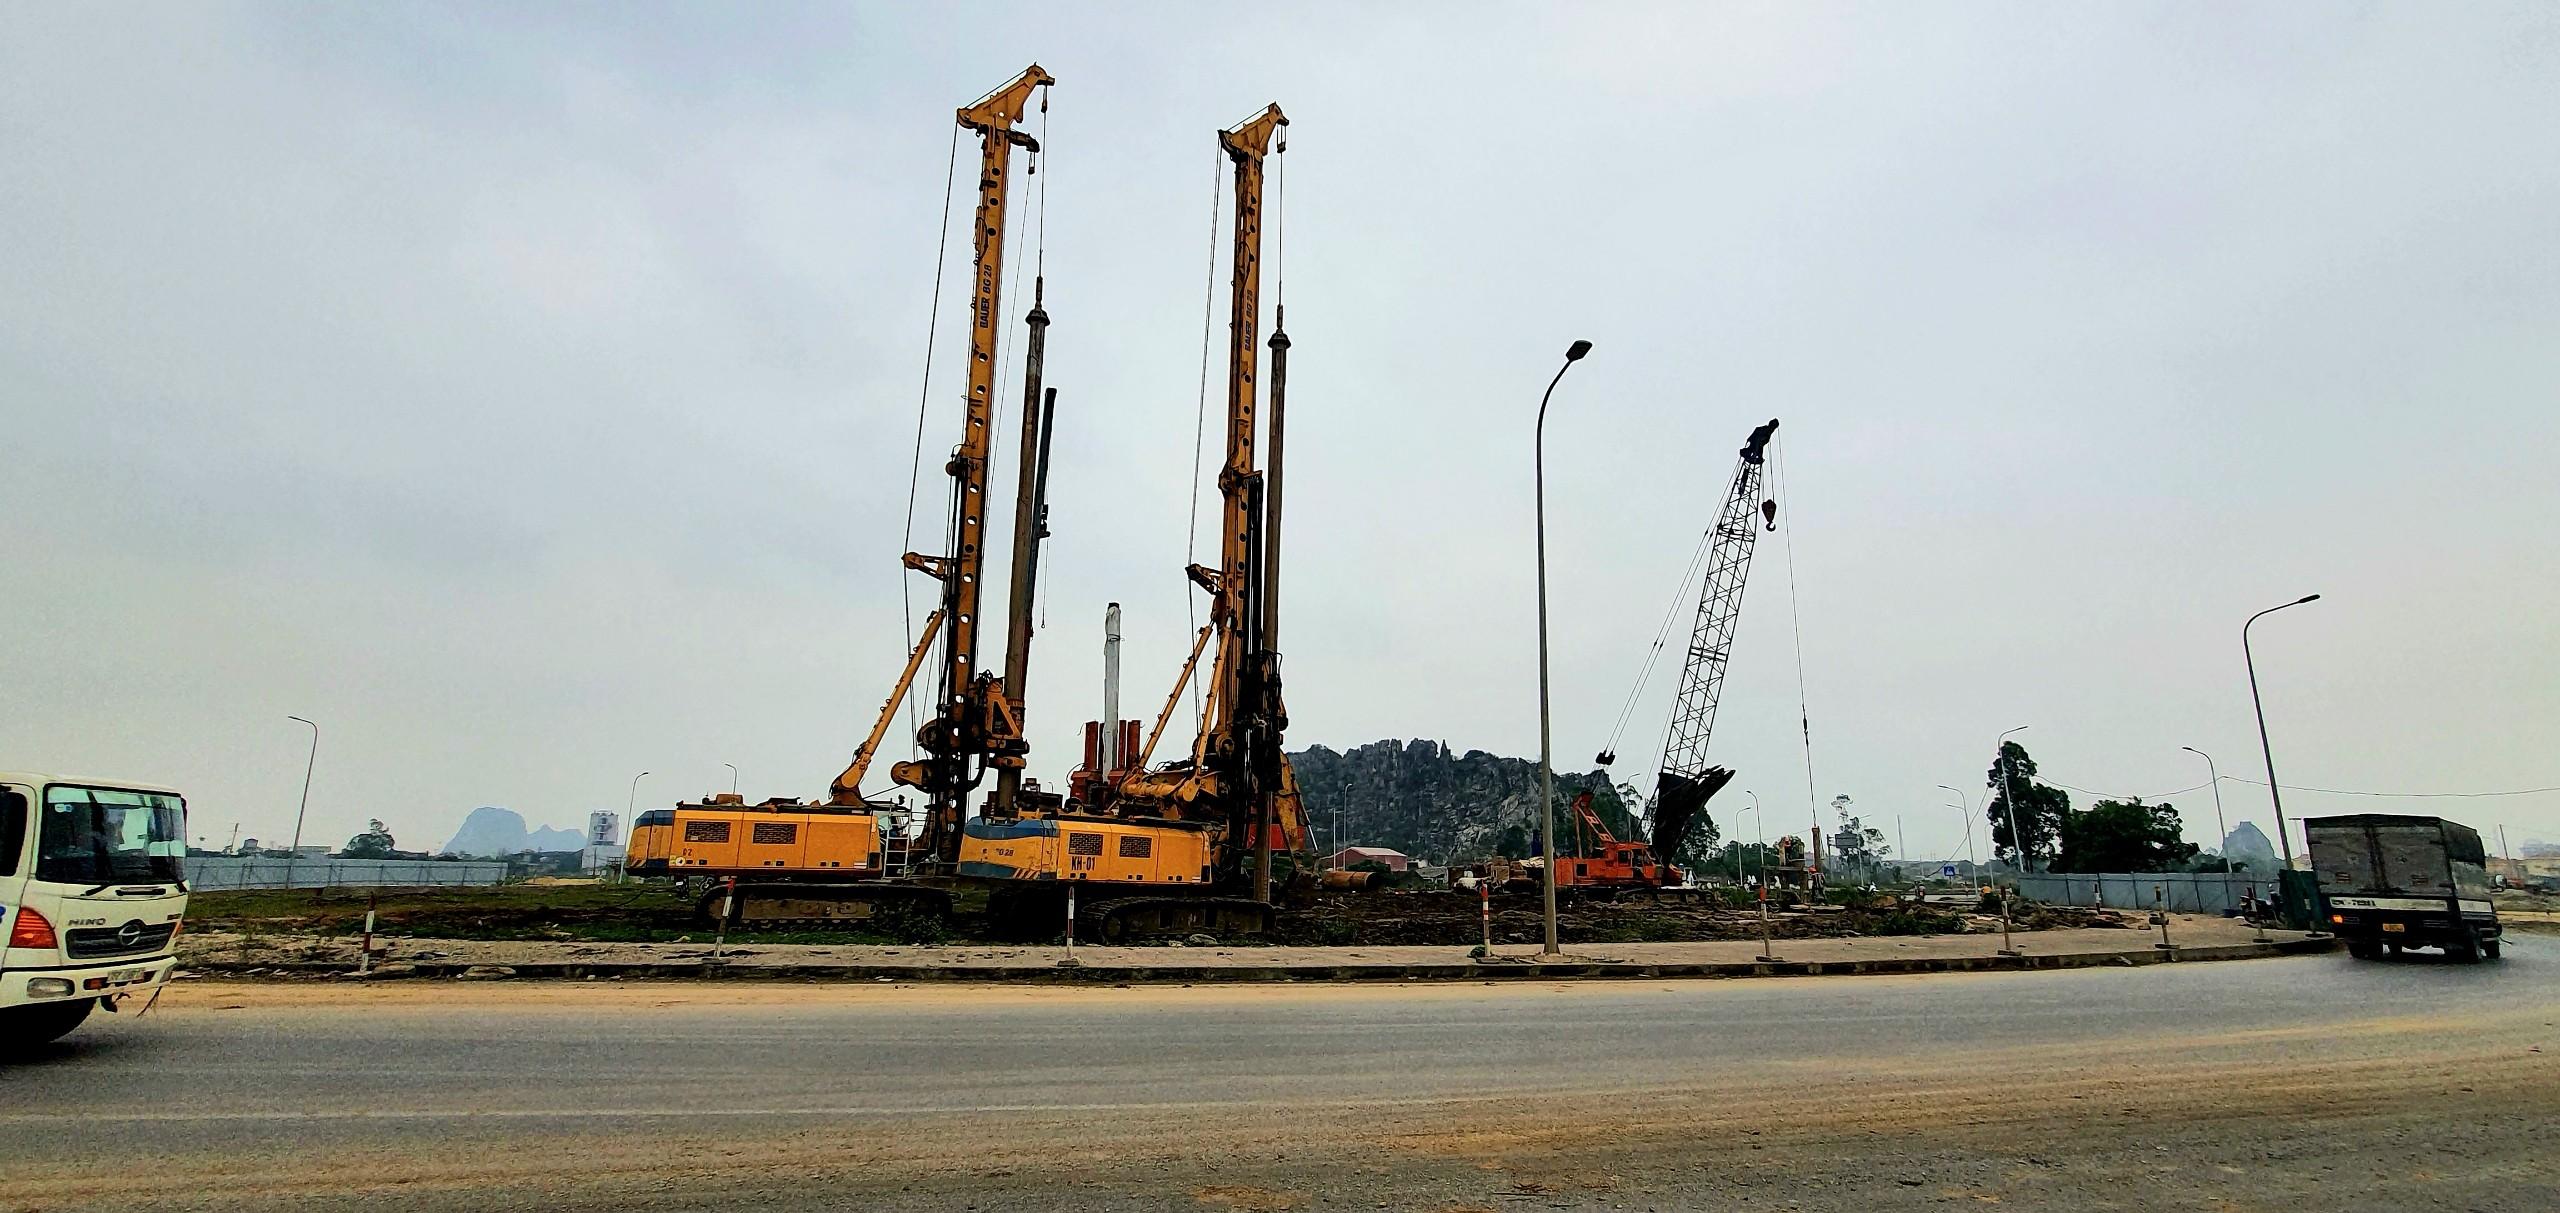 Tiến độ công tác giải phóng mặt bằng phục vụ thi công Dự án đầu tư xây dựng đường bộ cao tốc tuyến Bắc – Nam phía Đông, đoạn qua địa bàn thành phố